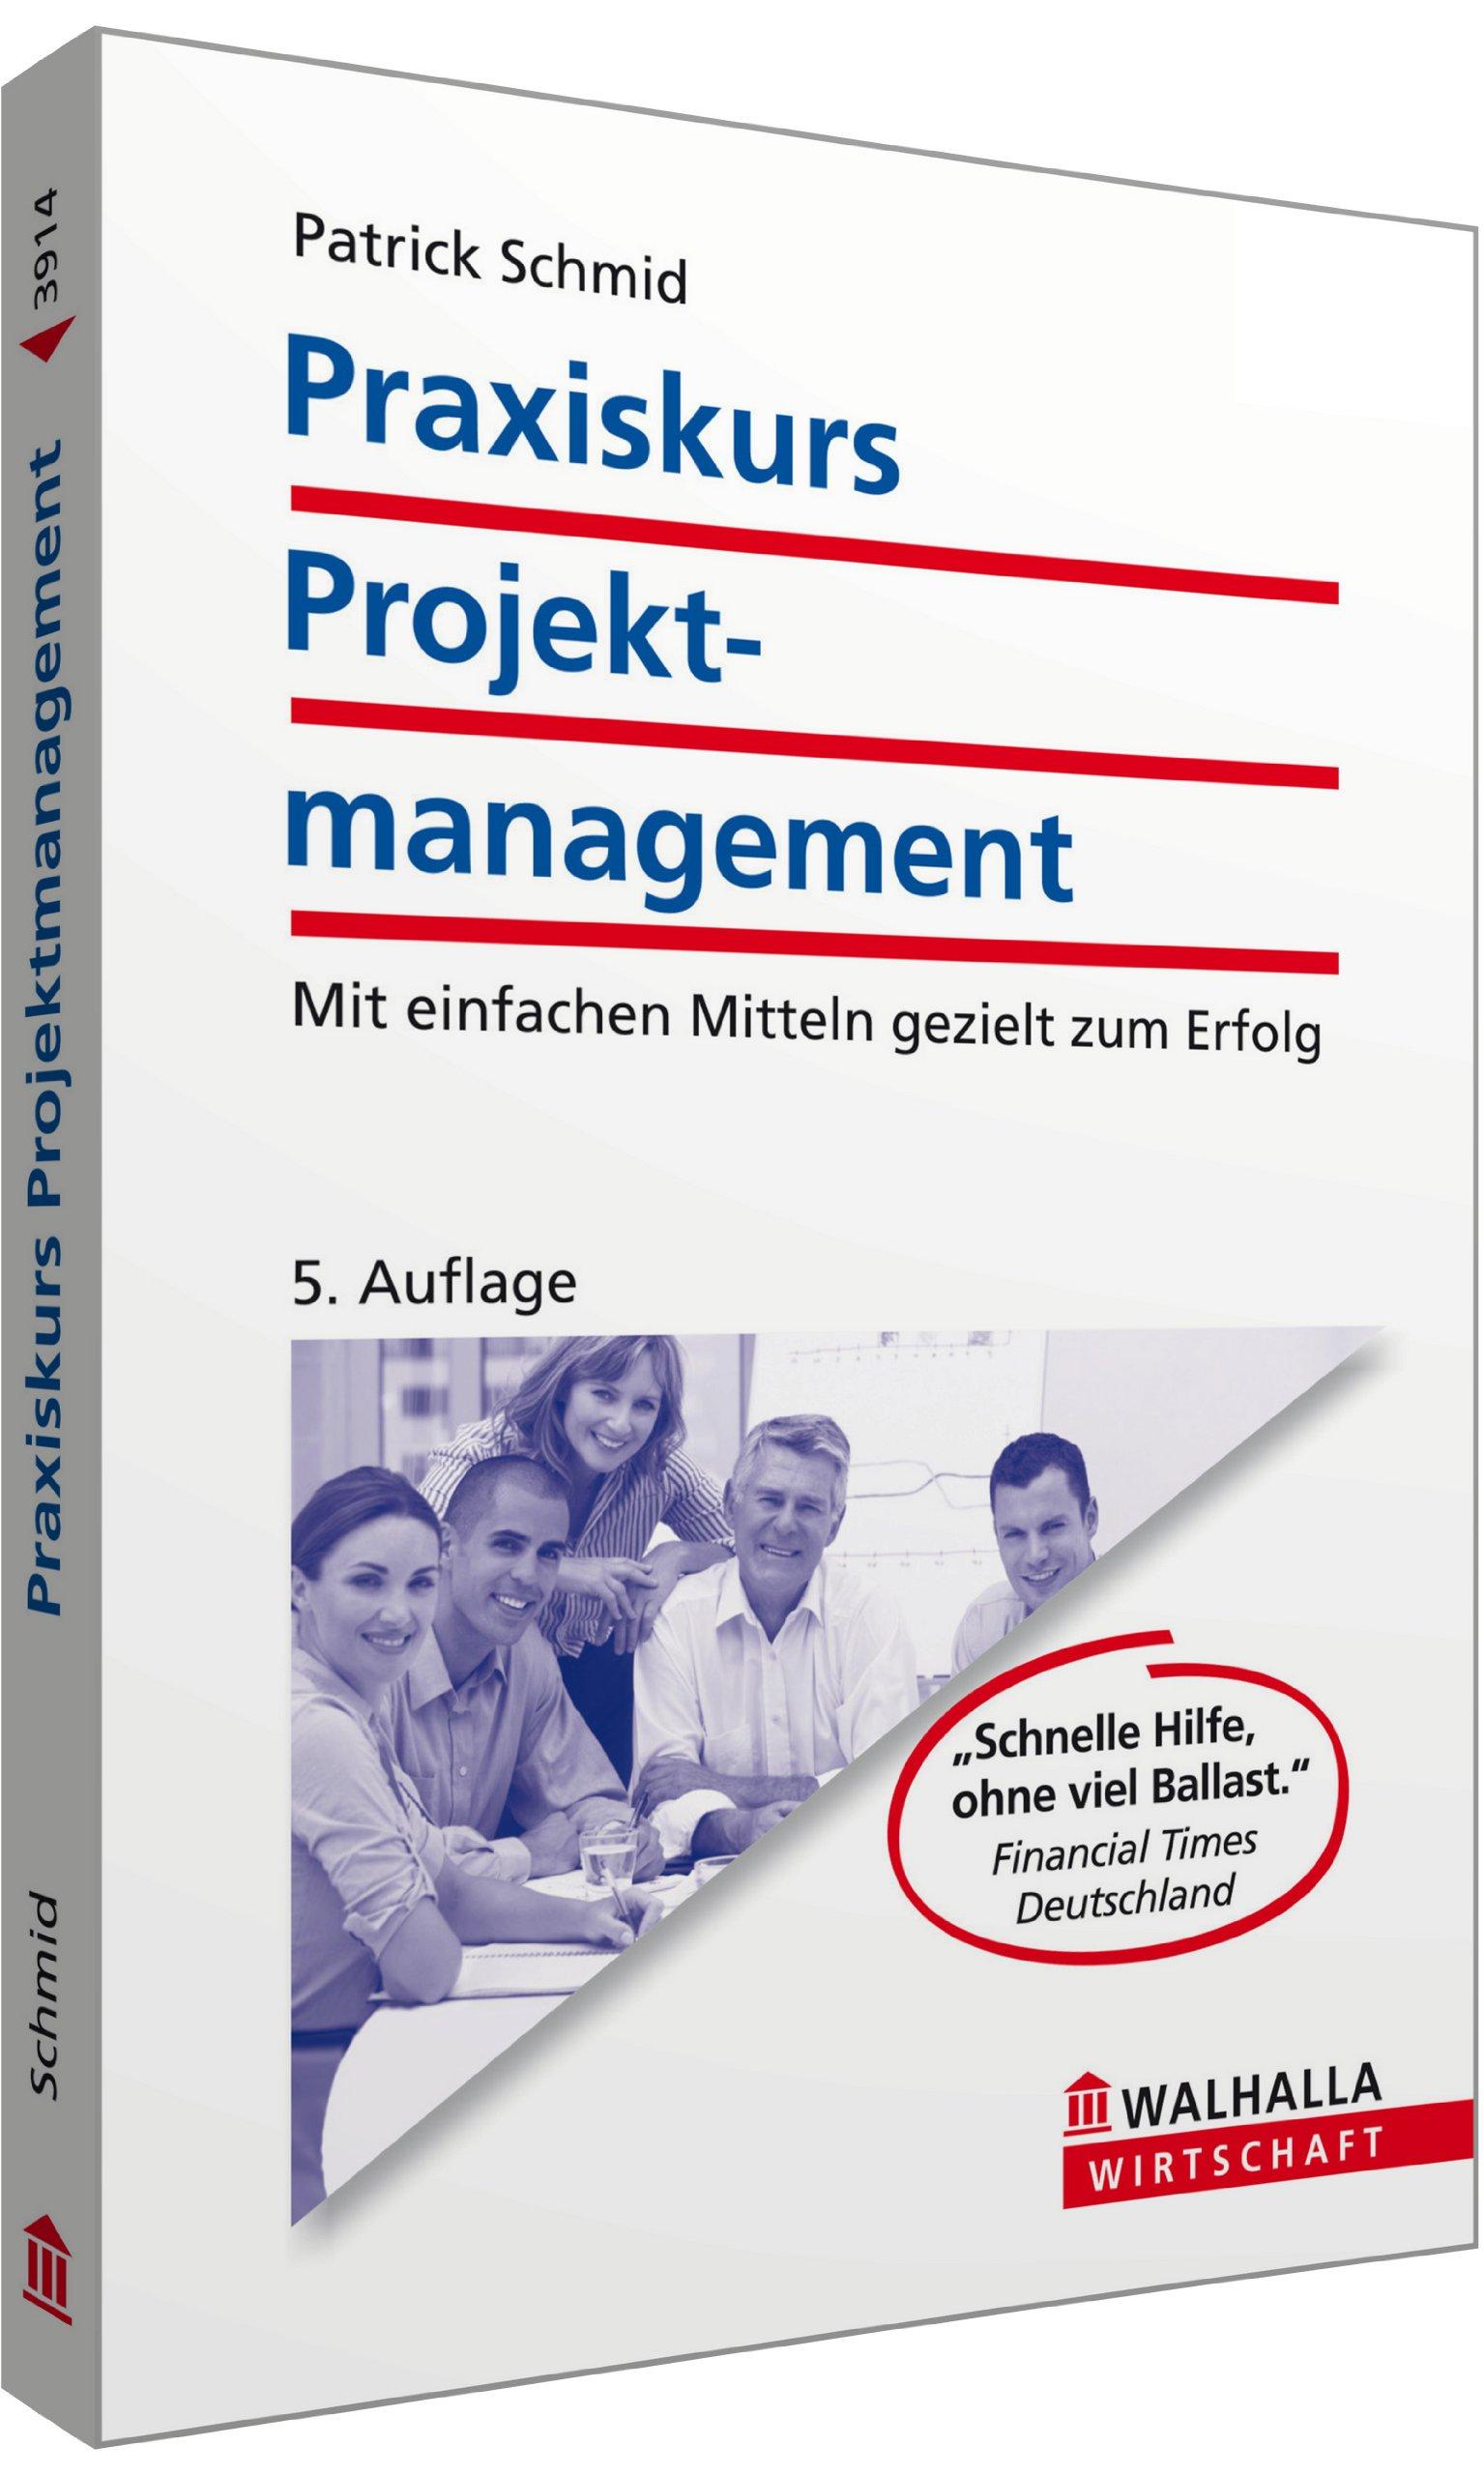 Praxiskurs Projektmanagement: Mit einfachen Mitteln gezielt zum Erfolg